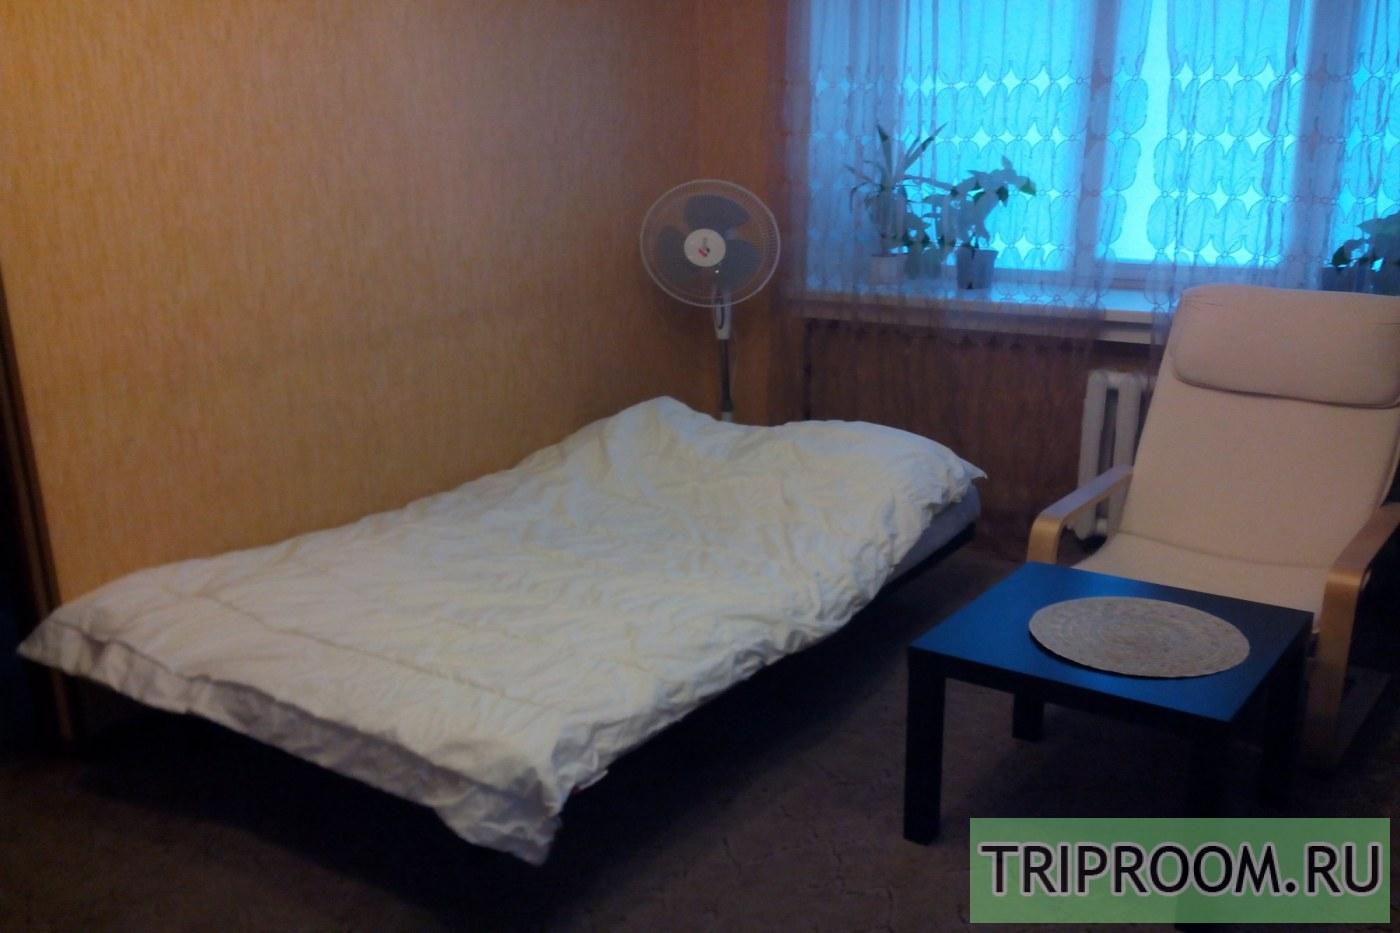 1-комнатная квартира посуточно (вариант № 5761), ул. Карла Маркса проспект, фото № 4